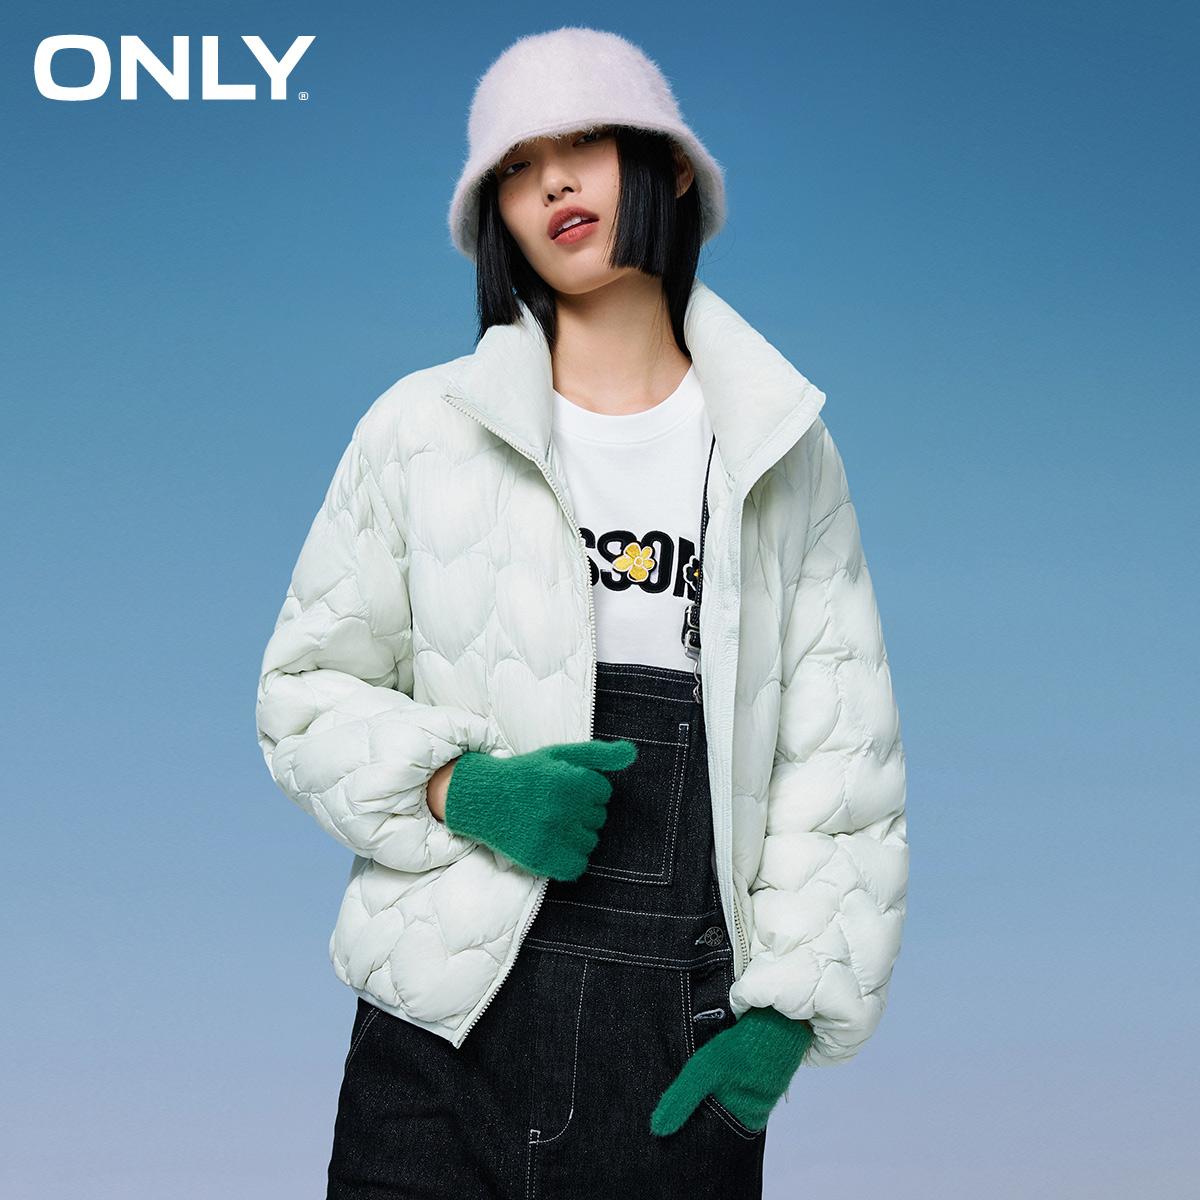 【双11预售】ONLY2021冬新款轻薄短款棉花糖羽绒服女|121423020